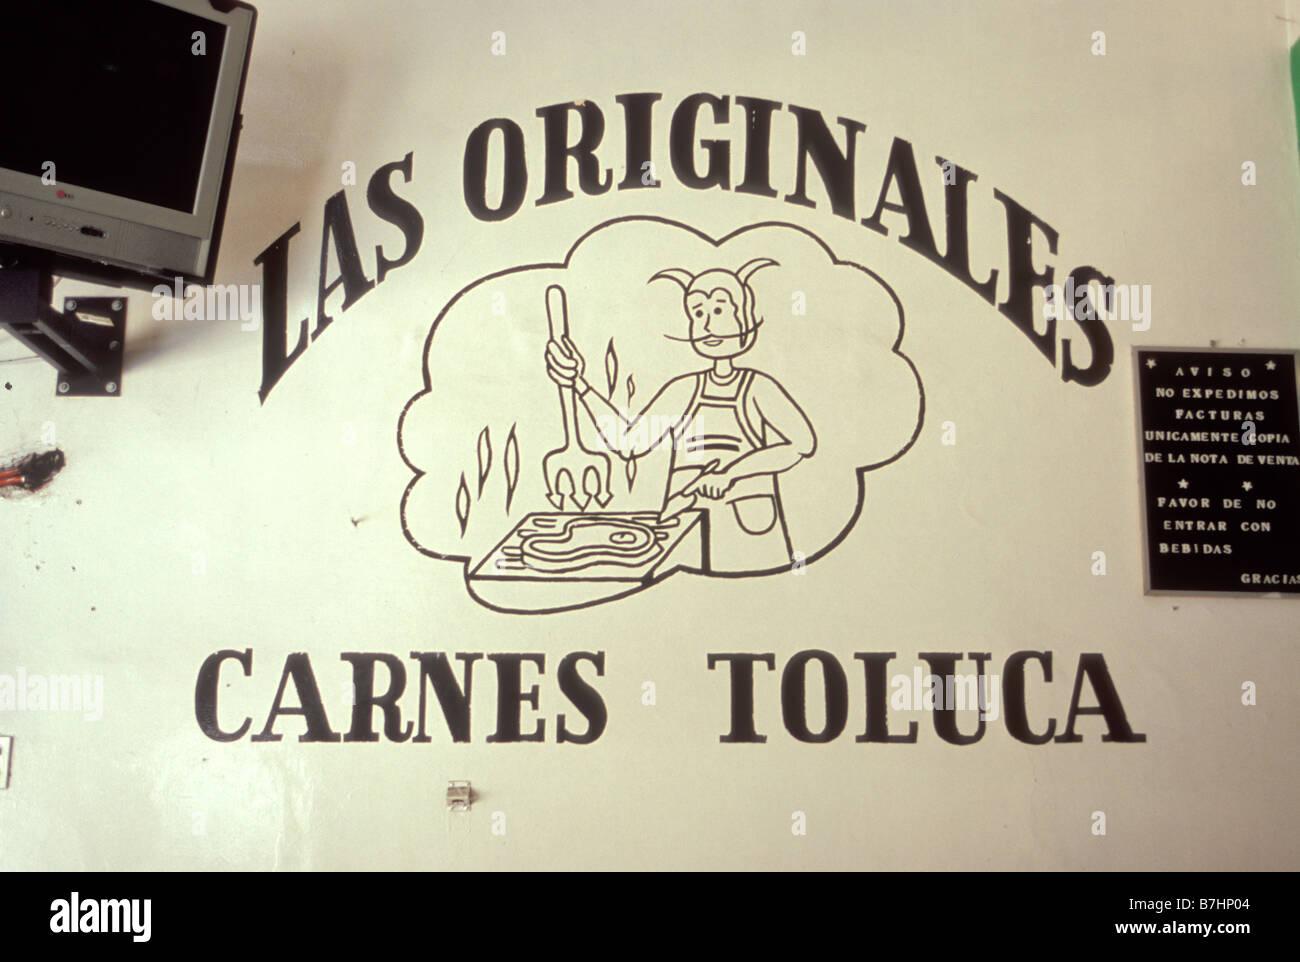 Las Originales Taqueria restaurant in Zamora Michoacan Mexico Stock Photo